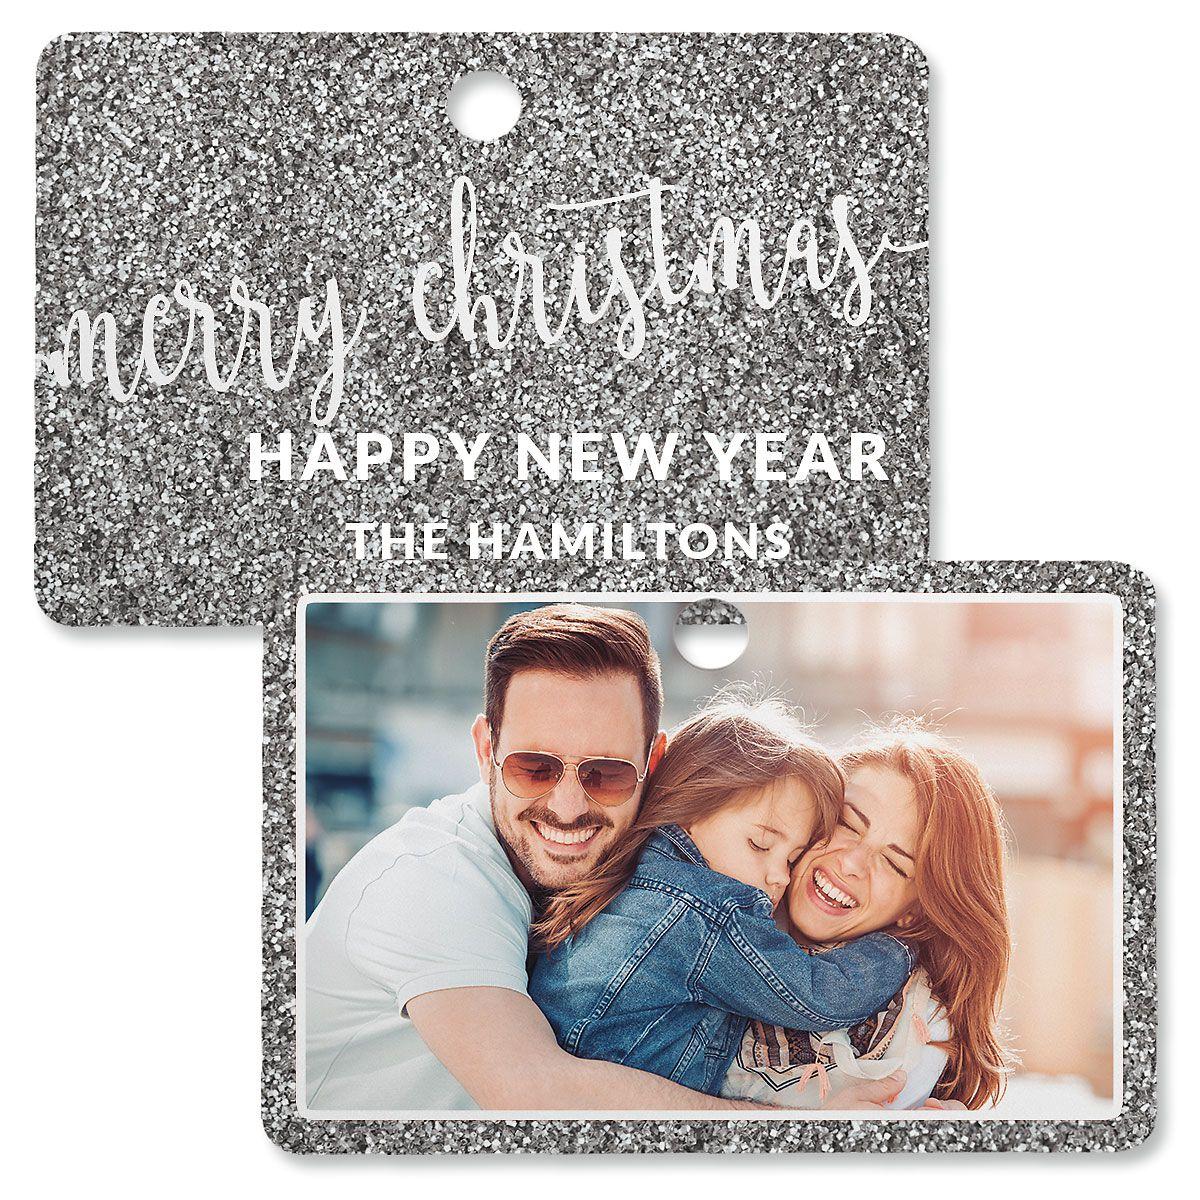 Silver Glitter Personalized Rectangle Photo Ornament